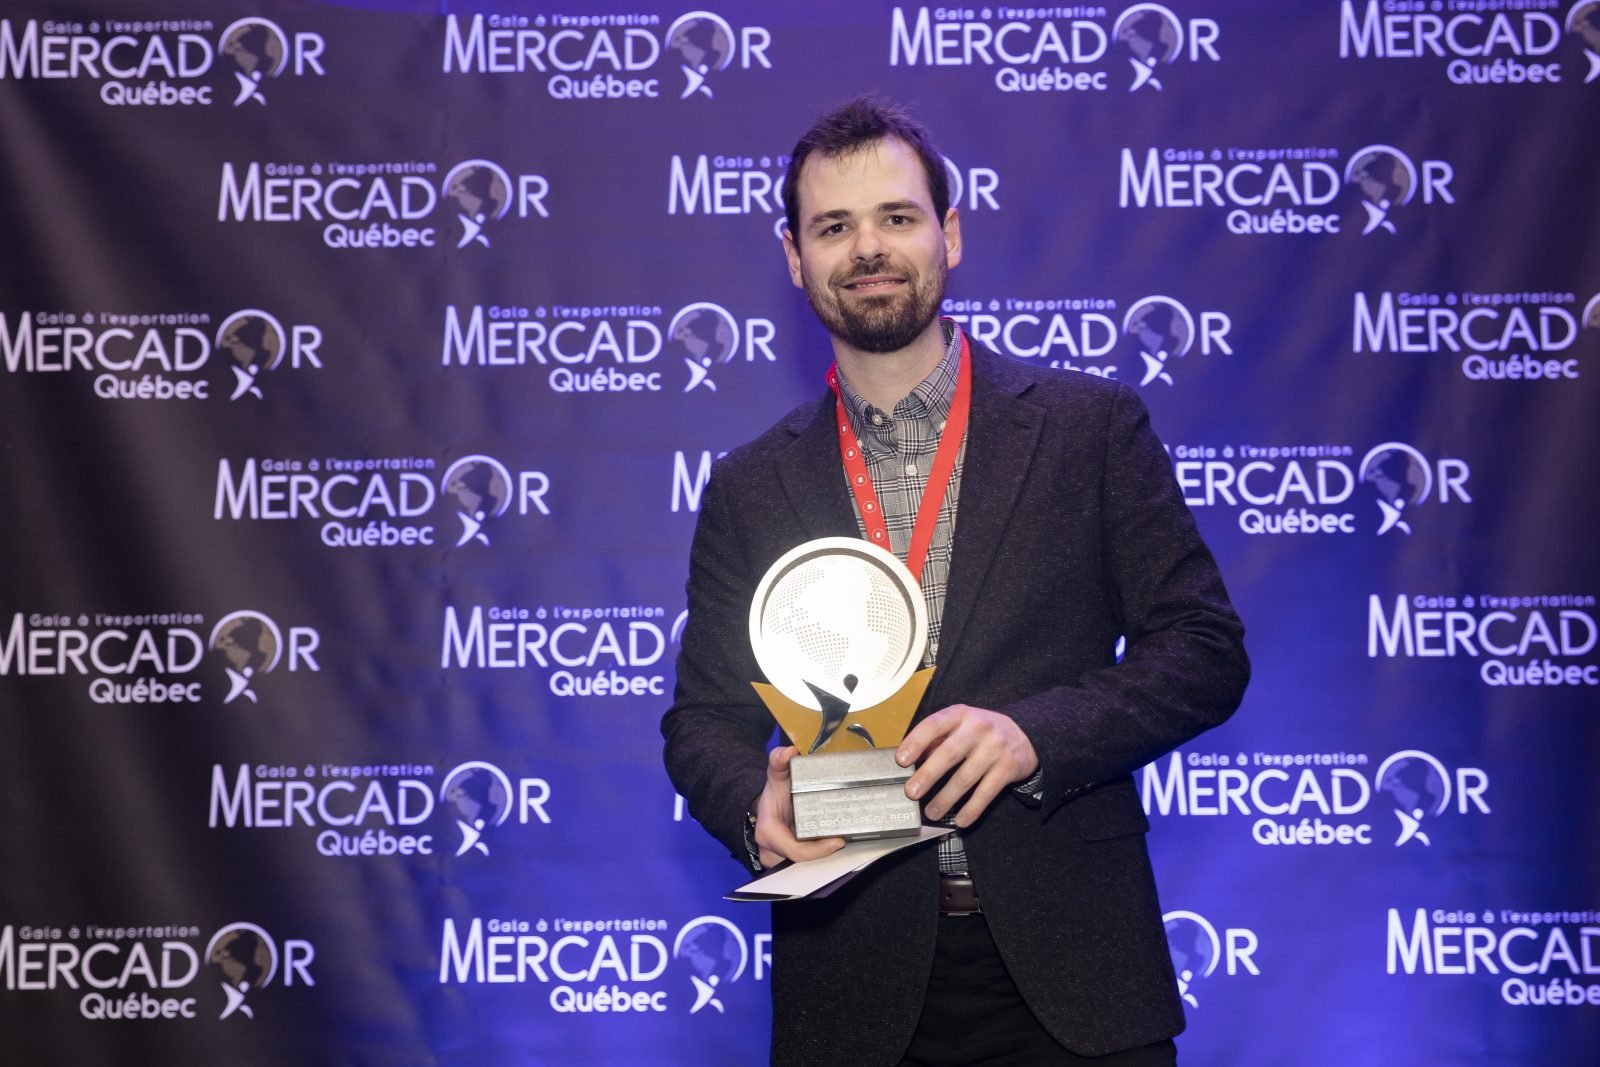 Produits Gilbert remporte un prix lors du Gala MercadOr Québec